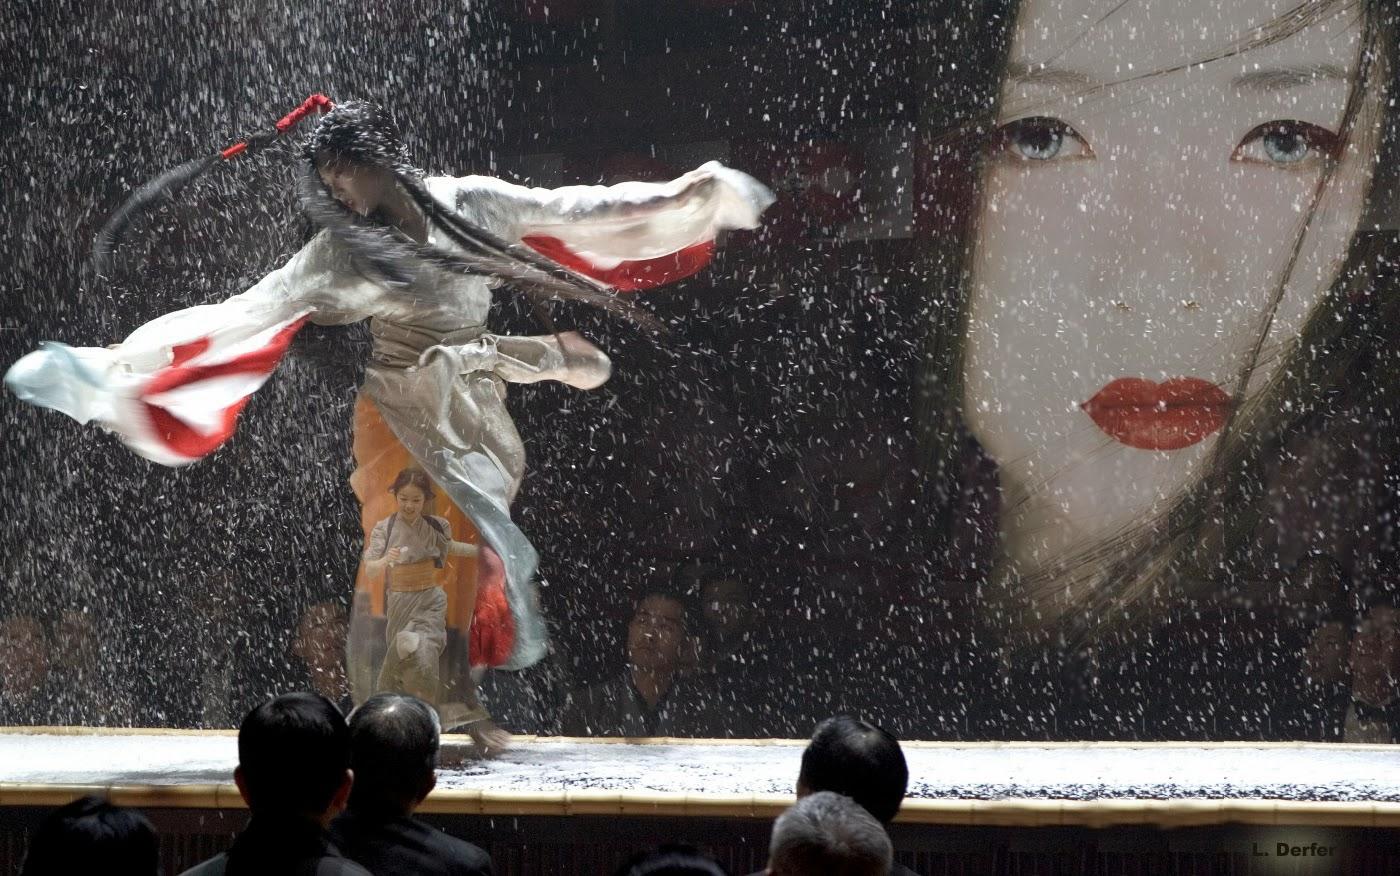 Memoirs of a geisha mameha